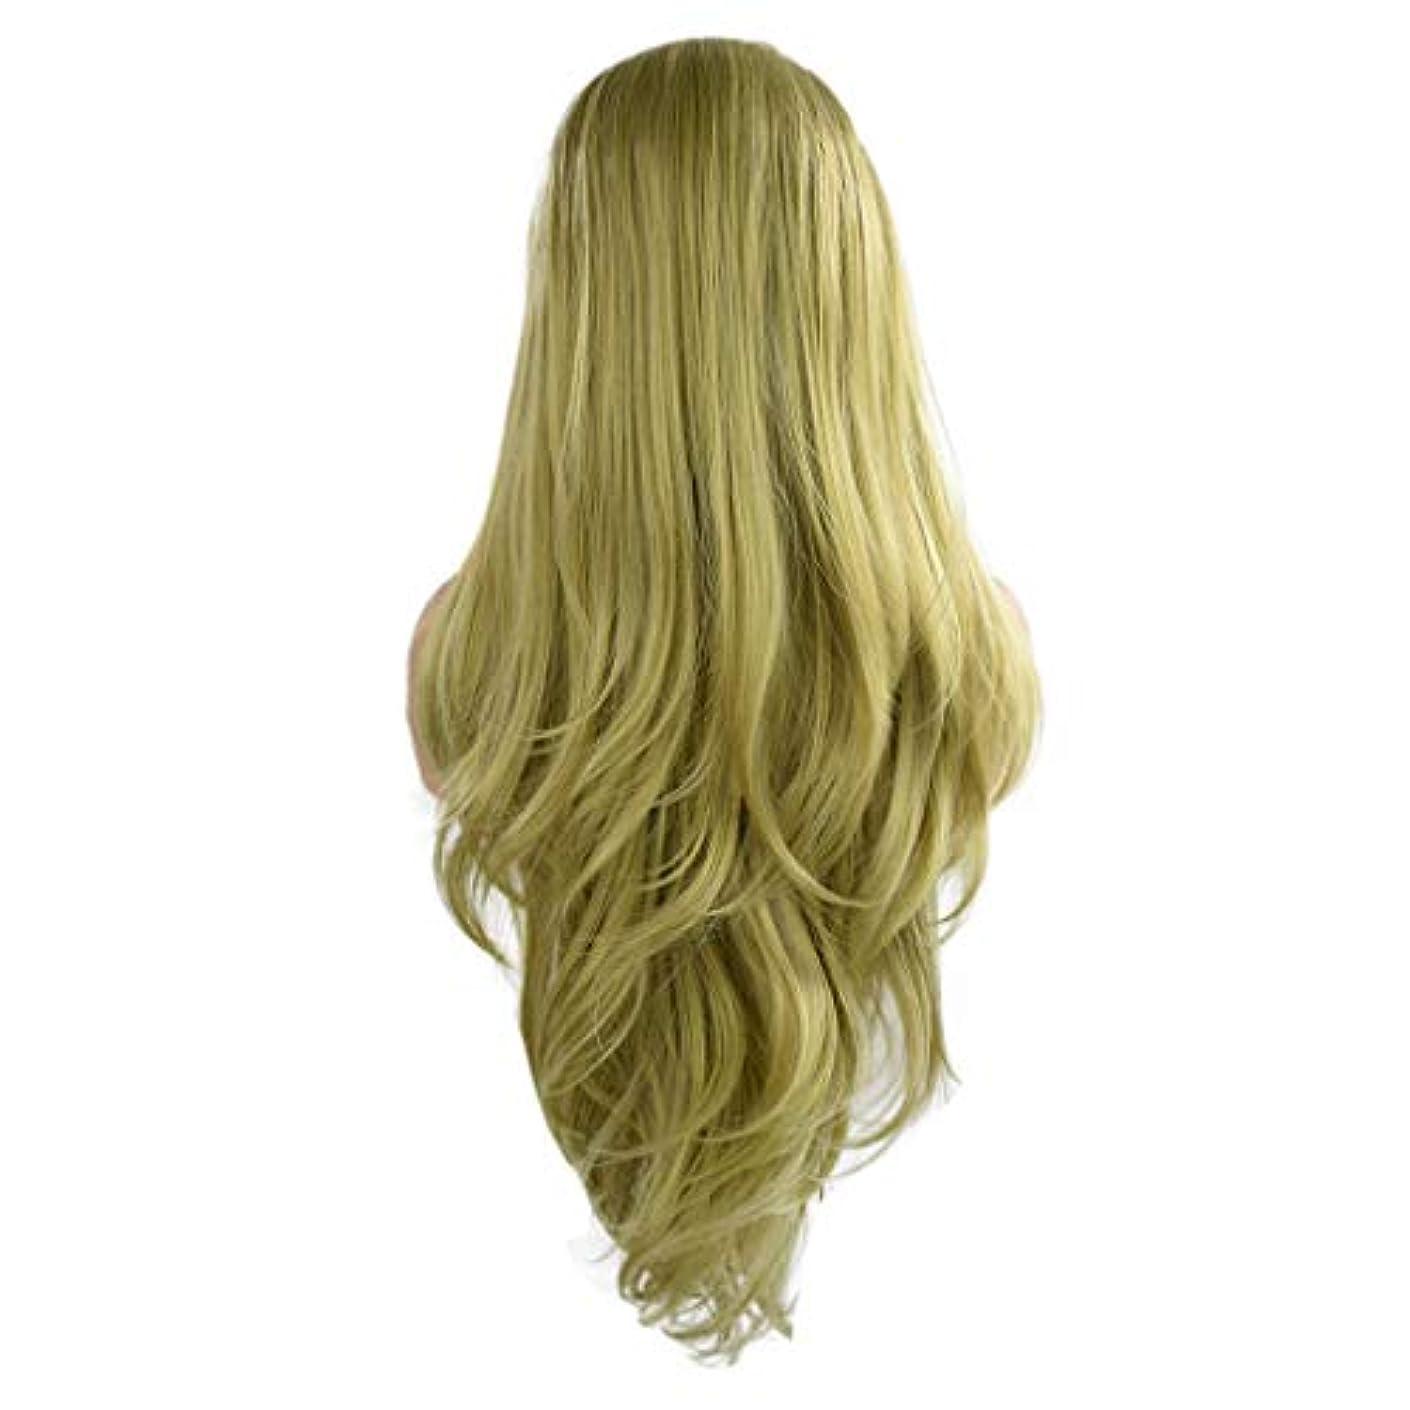 コントローラ補償使用法女性の緑の長い巻き毛のフロントレースかつらファッションポップかつら24インチかつら